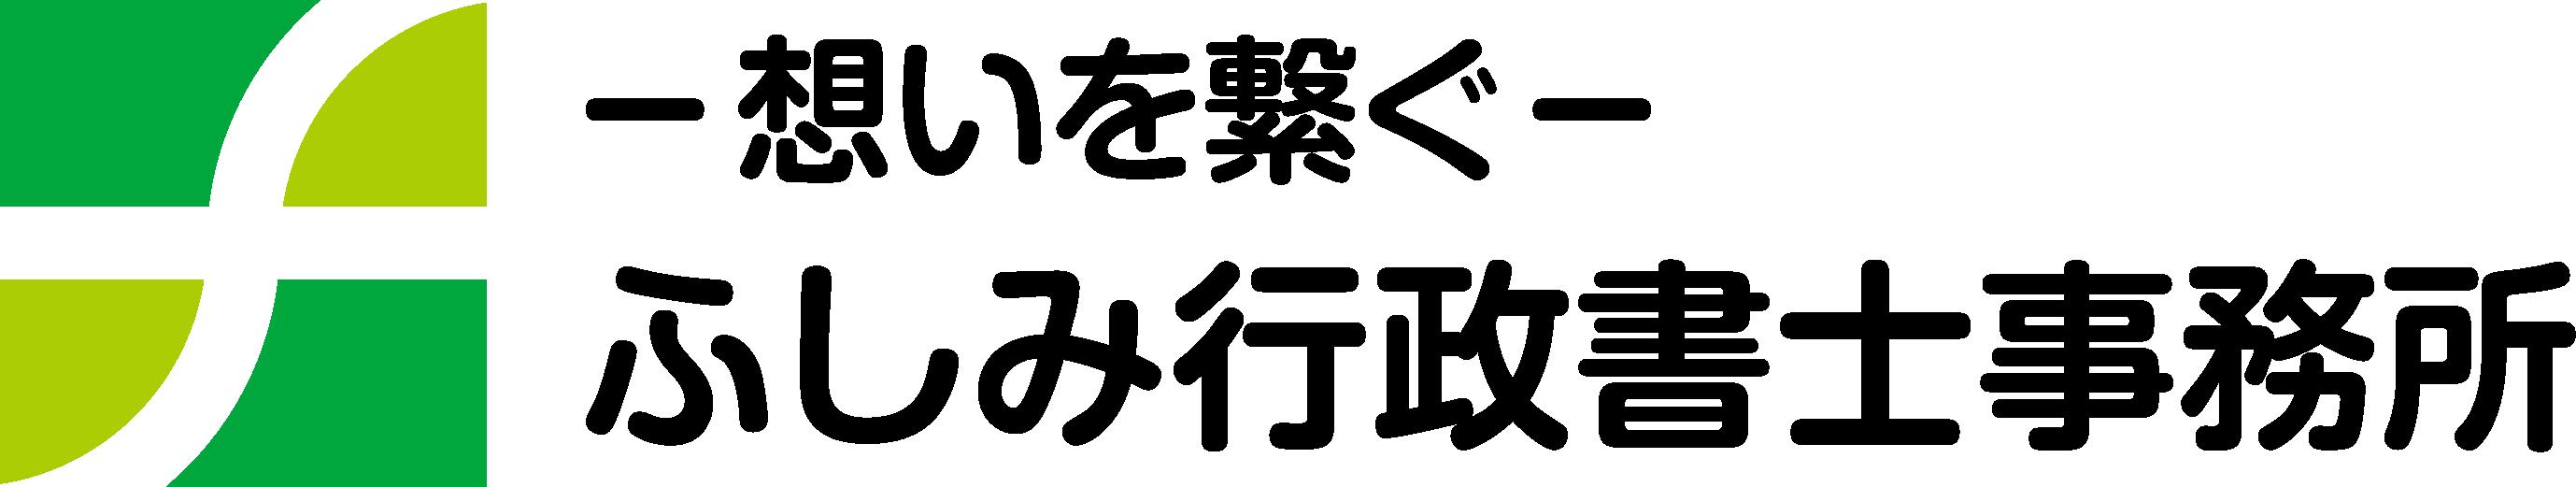 相続 遺言 ビザ 帰化  建設業許可なら ふしみ行政書士事務所へ 小野市 三木市 加西市 加古川市 高砂市 加東市 西脇市